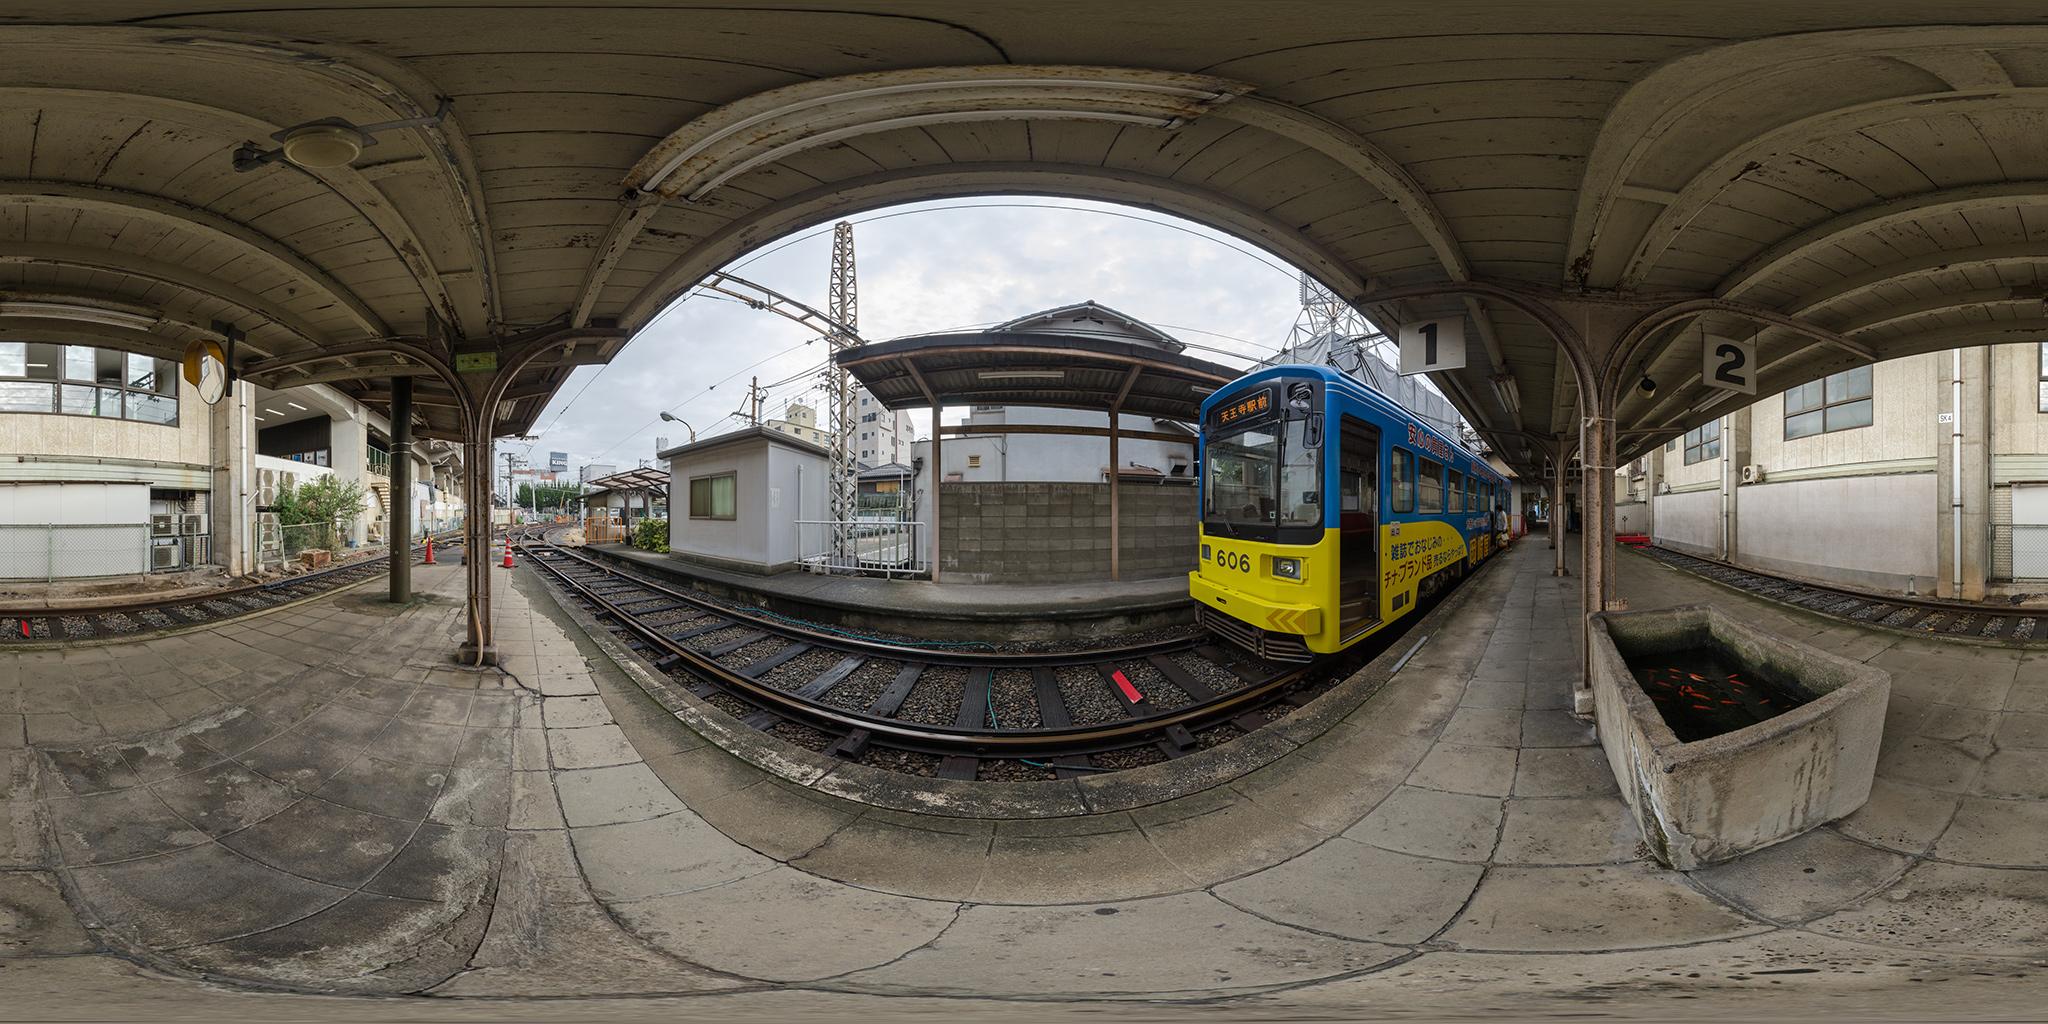 2016.1.31に廃止された阪堺電車住吉公園駅